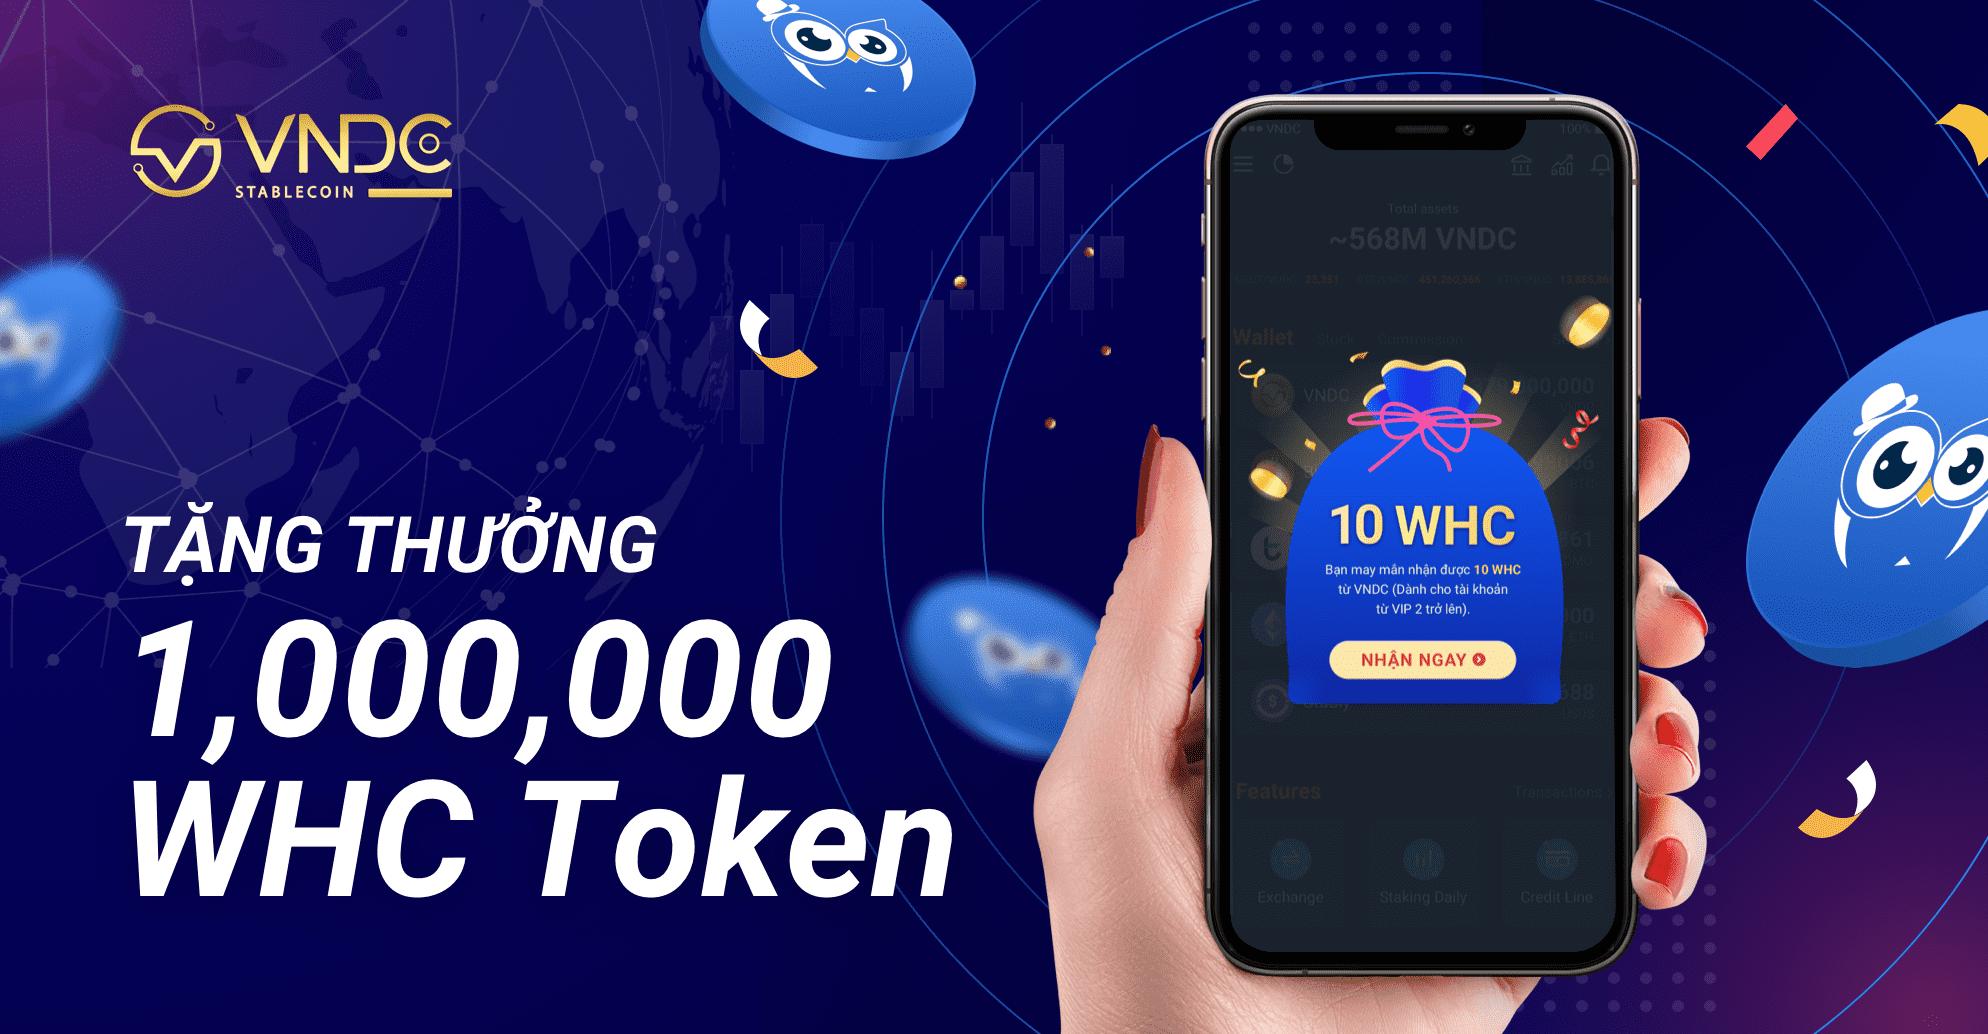 Tặng thưởng 1,000,000 WHC Token cho toàn bộ người dùng